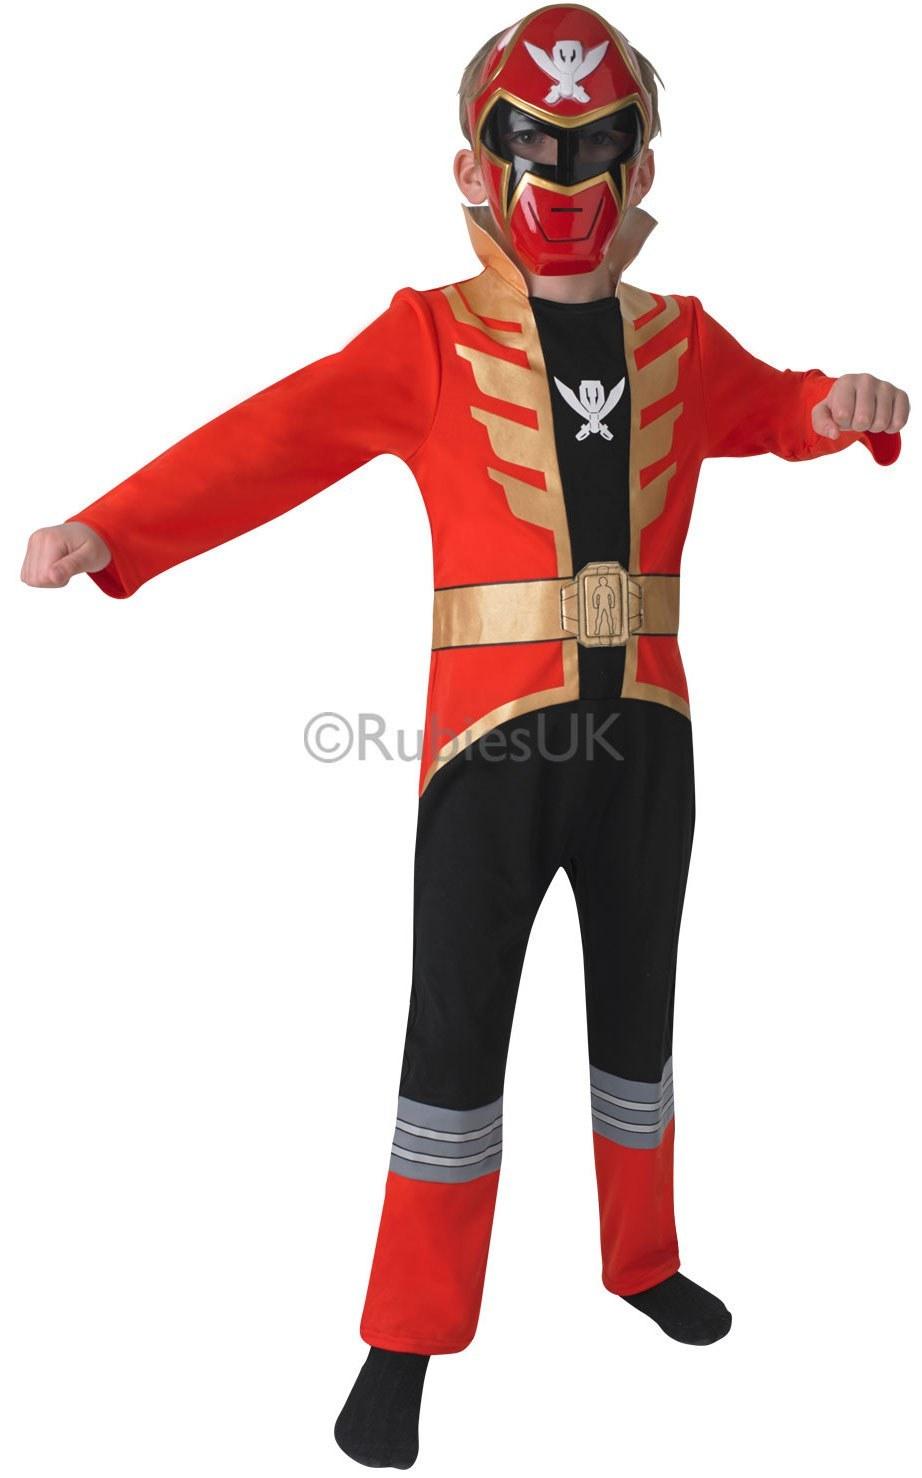 Power Rangers Christmas Jumper.Red Power Ranger Mega Force